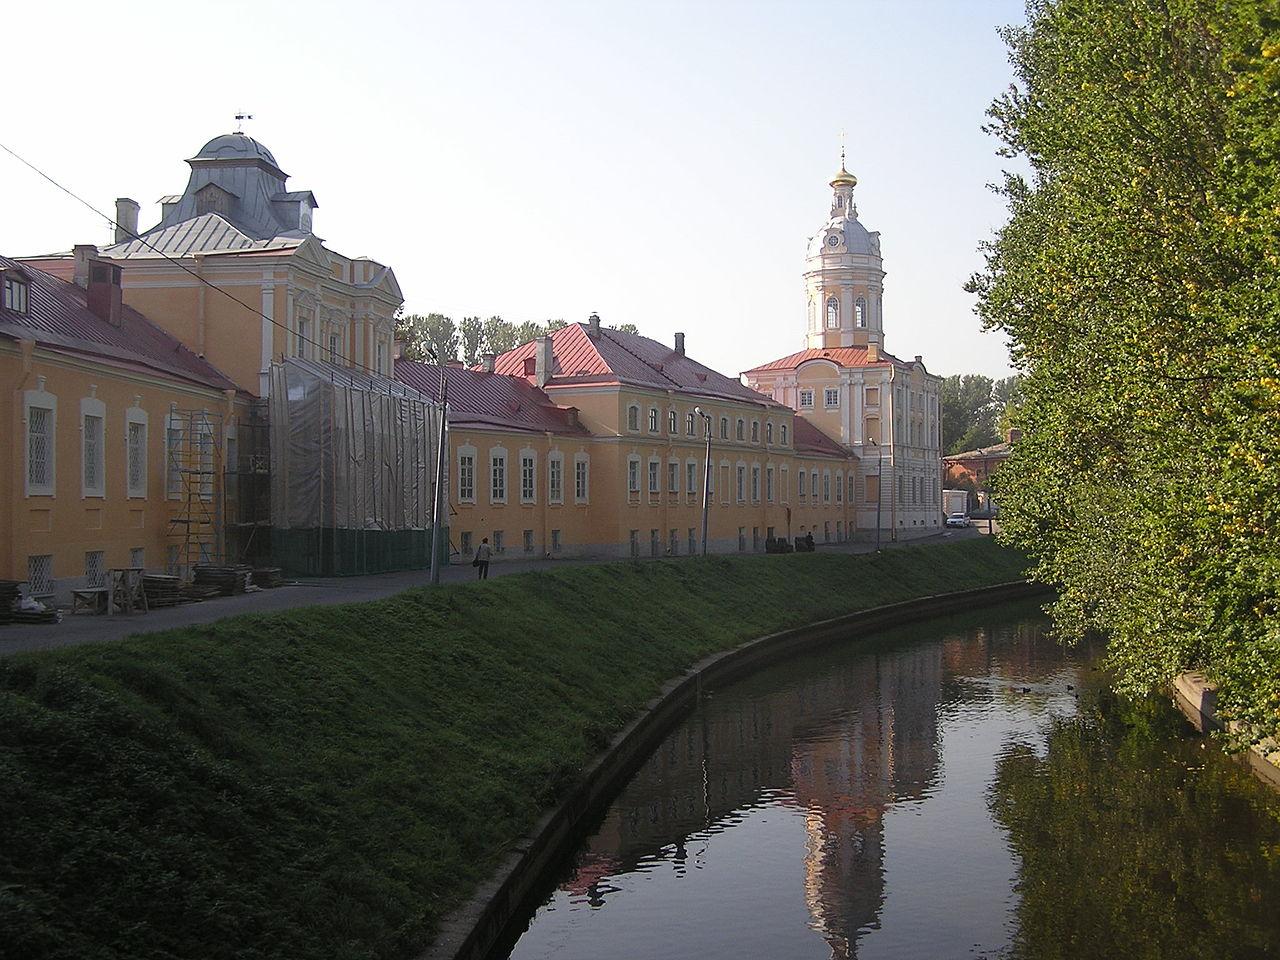 Александро-Невская лавра. Автор фото: Andrew Butko (Wikimedia Commons)